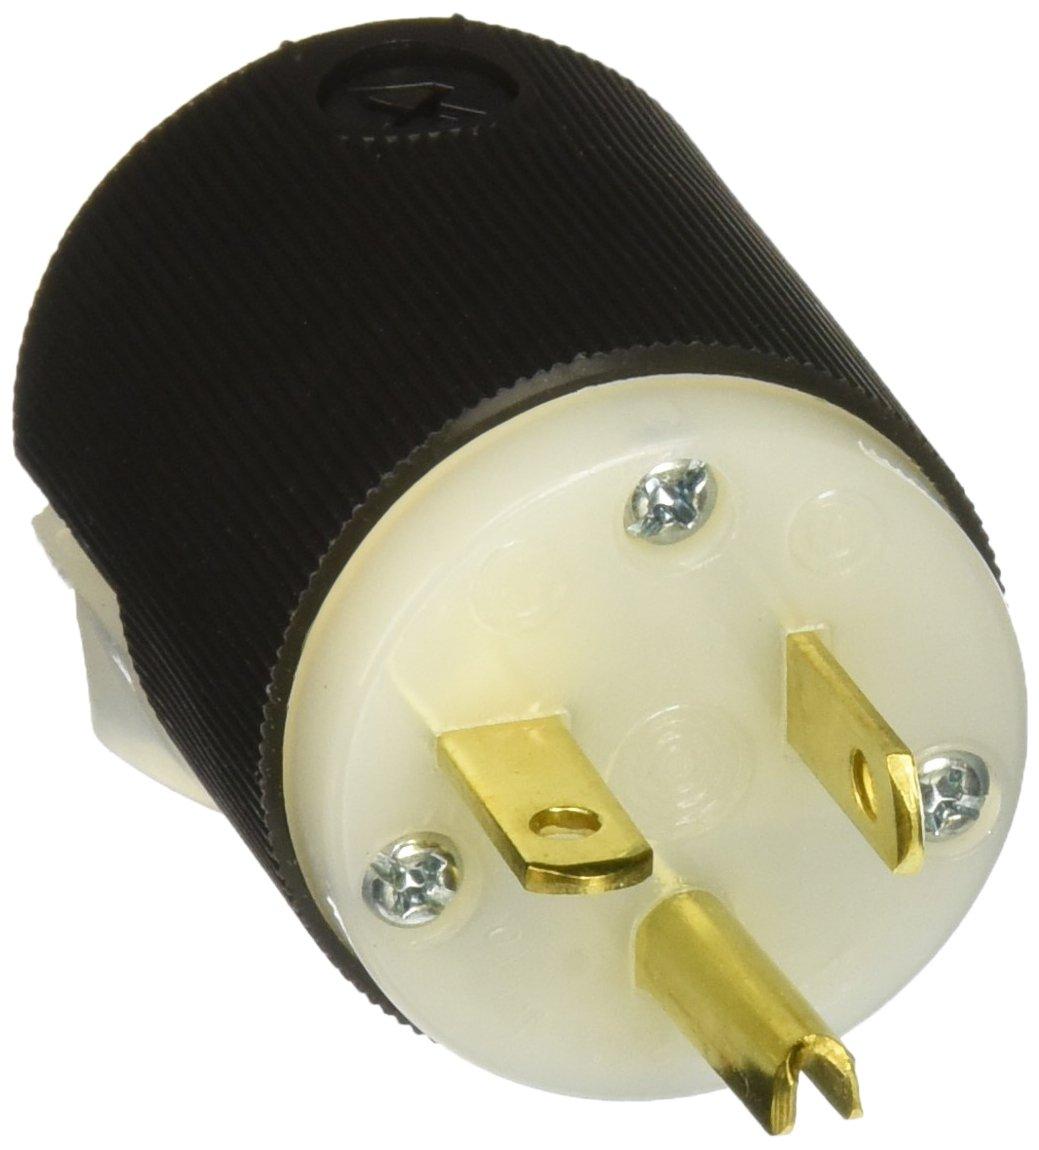 Hubbell HBL5466C Plug, 20 amp, 250V, 6-20P, Black/White